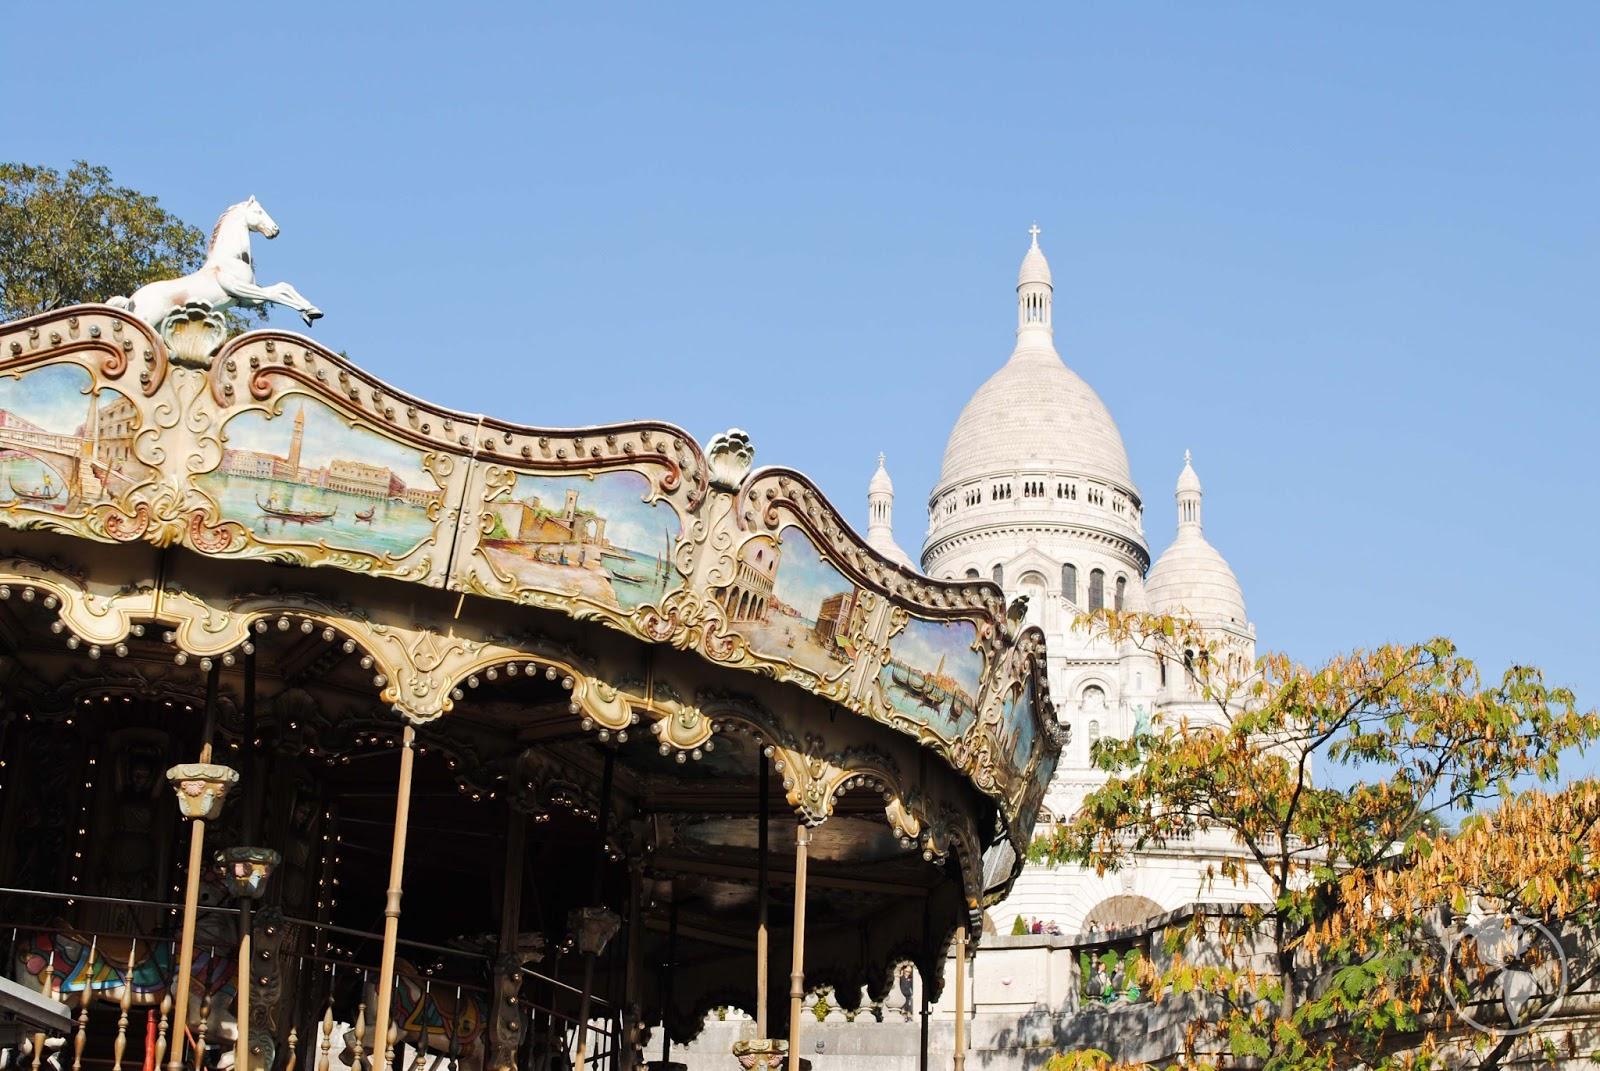 Дешевый Париж Дешевый Париж: как прожить в столице роскоши насыщенный день за 40 евро 2 Paris karusel Amelie Montmartre Avtor raphanomundo